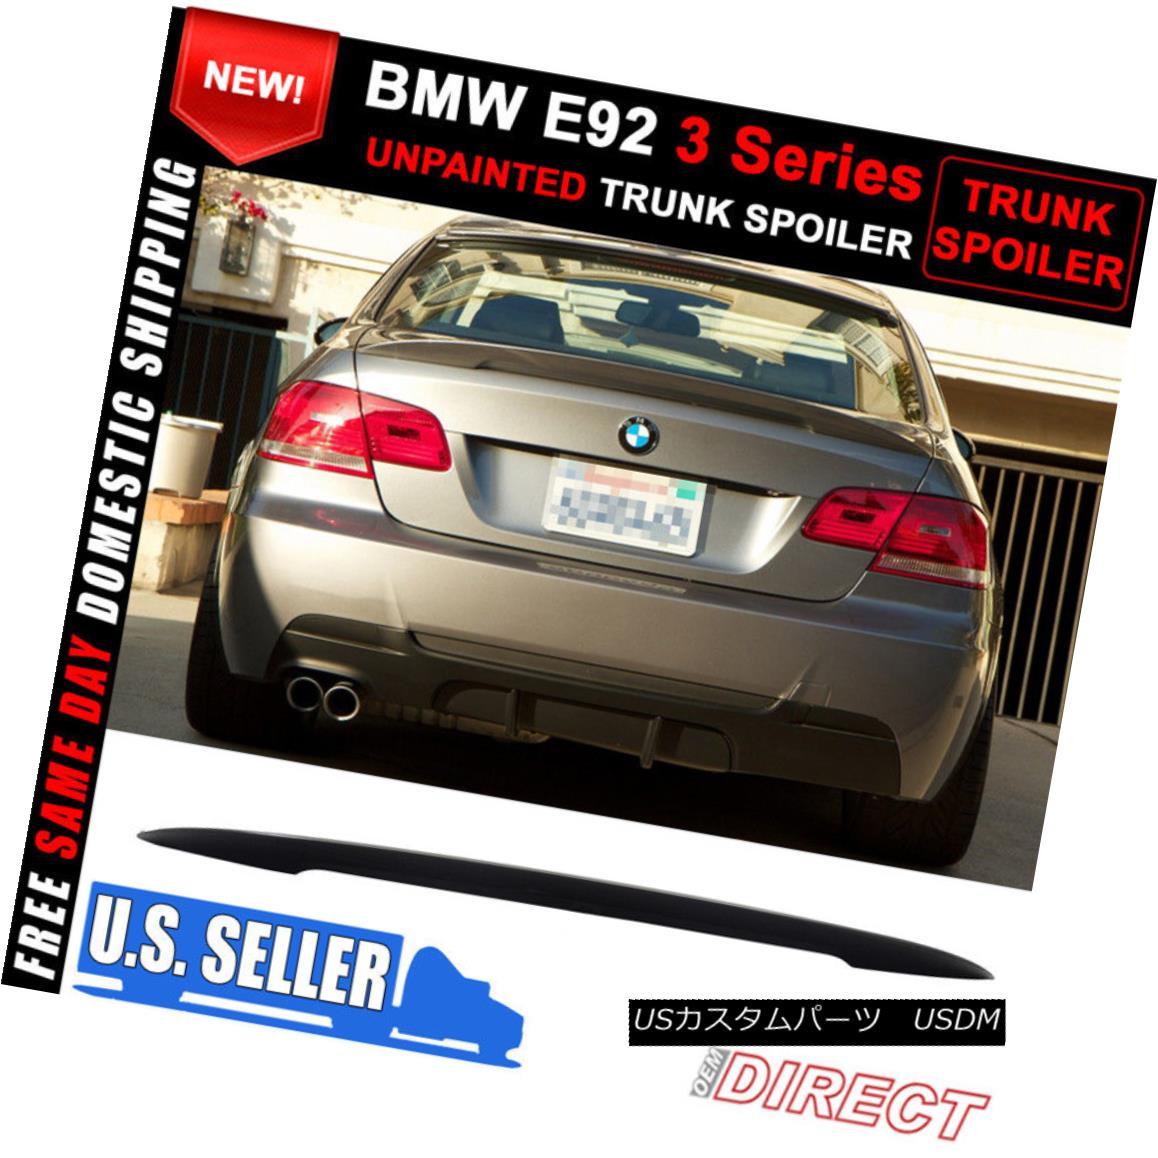 エアロパーツ 07-13 BMW 3 Series E92 High Kick Performance Style Unpainted ABS Trunk Spoiler 07-13 BMW 3シリーズE92ハイキックパフォーマンススタイル無塗装ABSトランクスポイラー